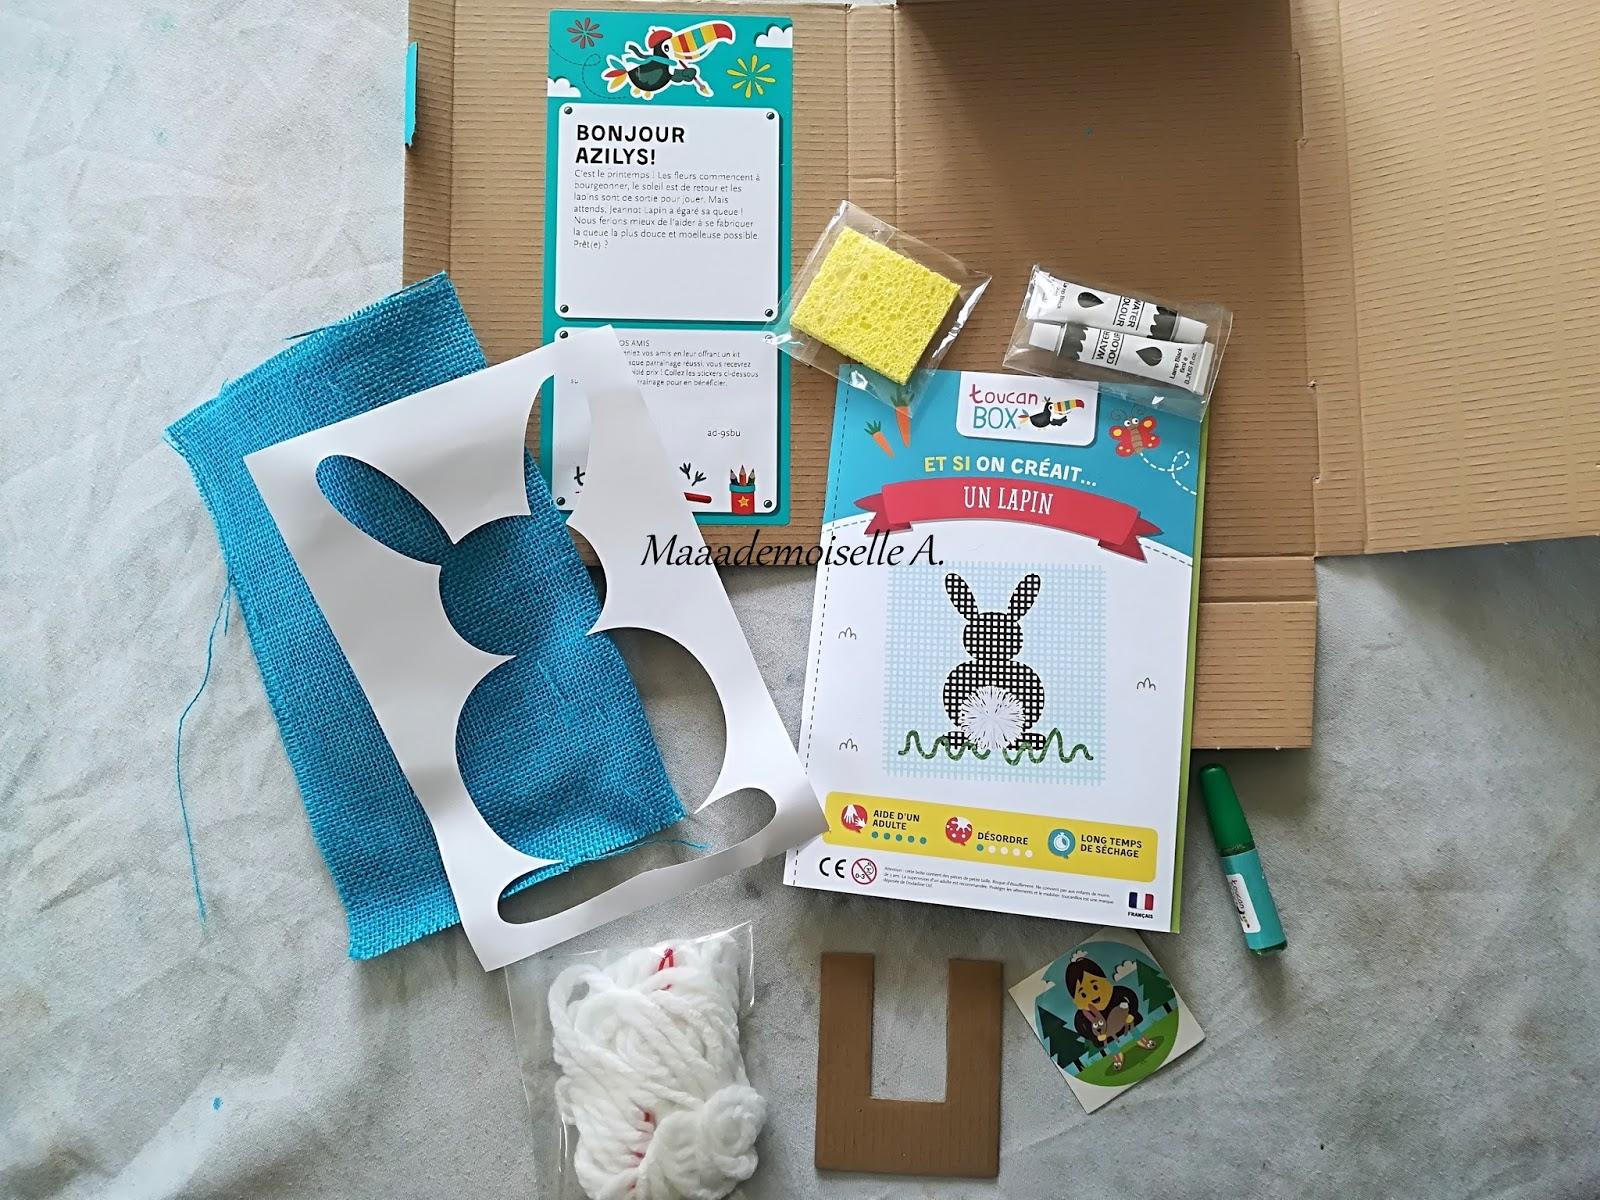 Maaademoiselle A Kit Créatif Toucanbox Et Si On Créait Un